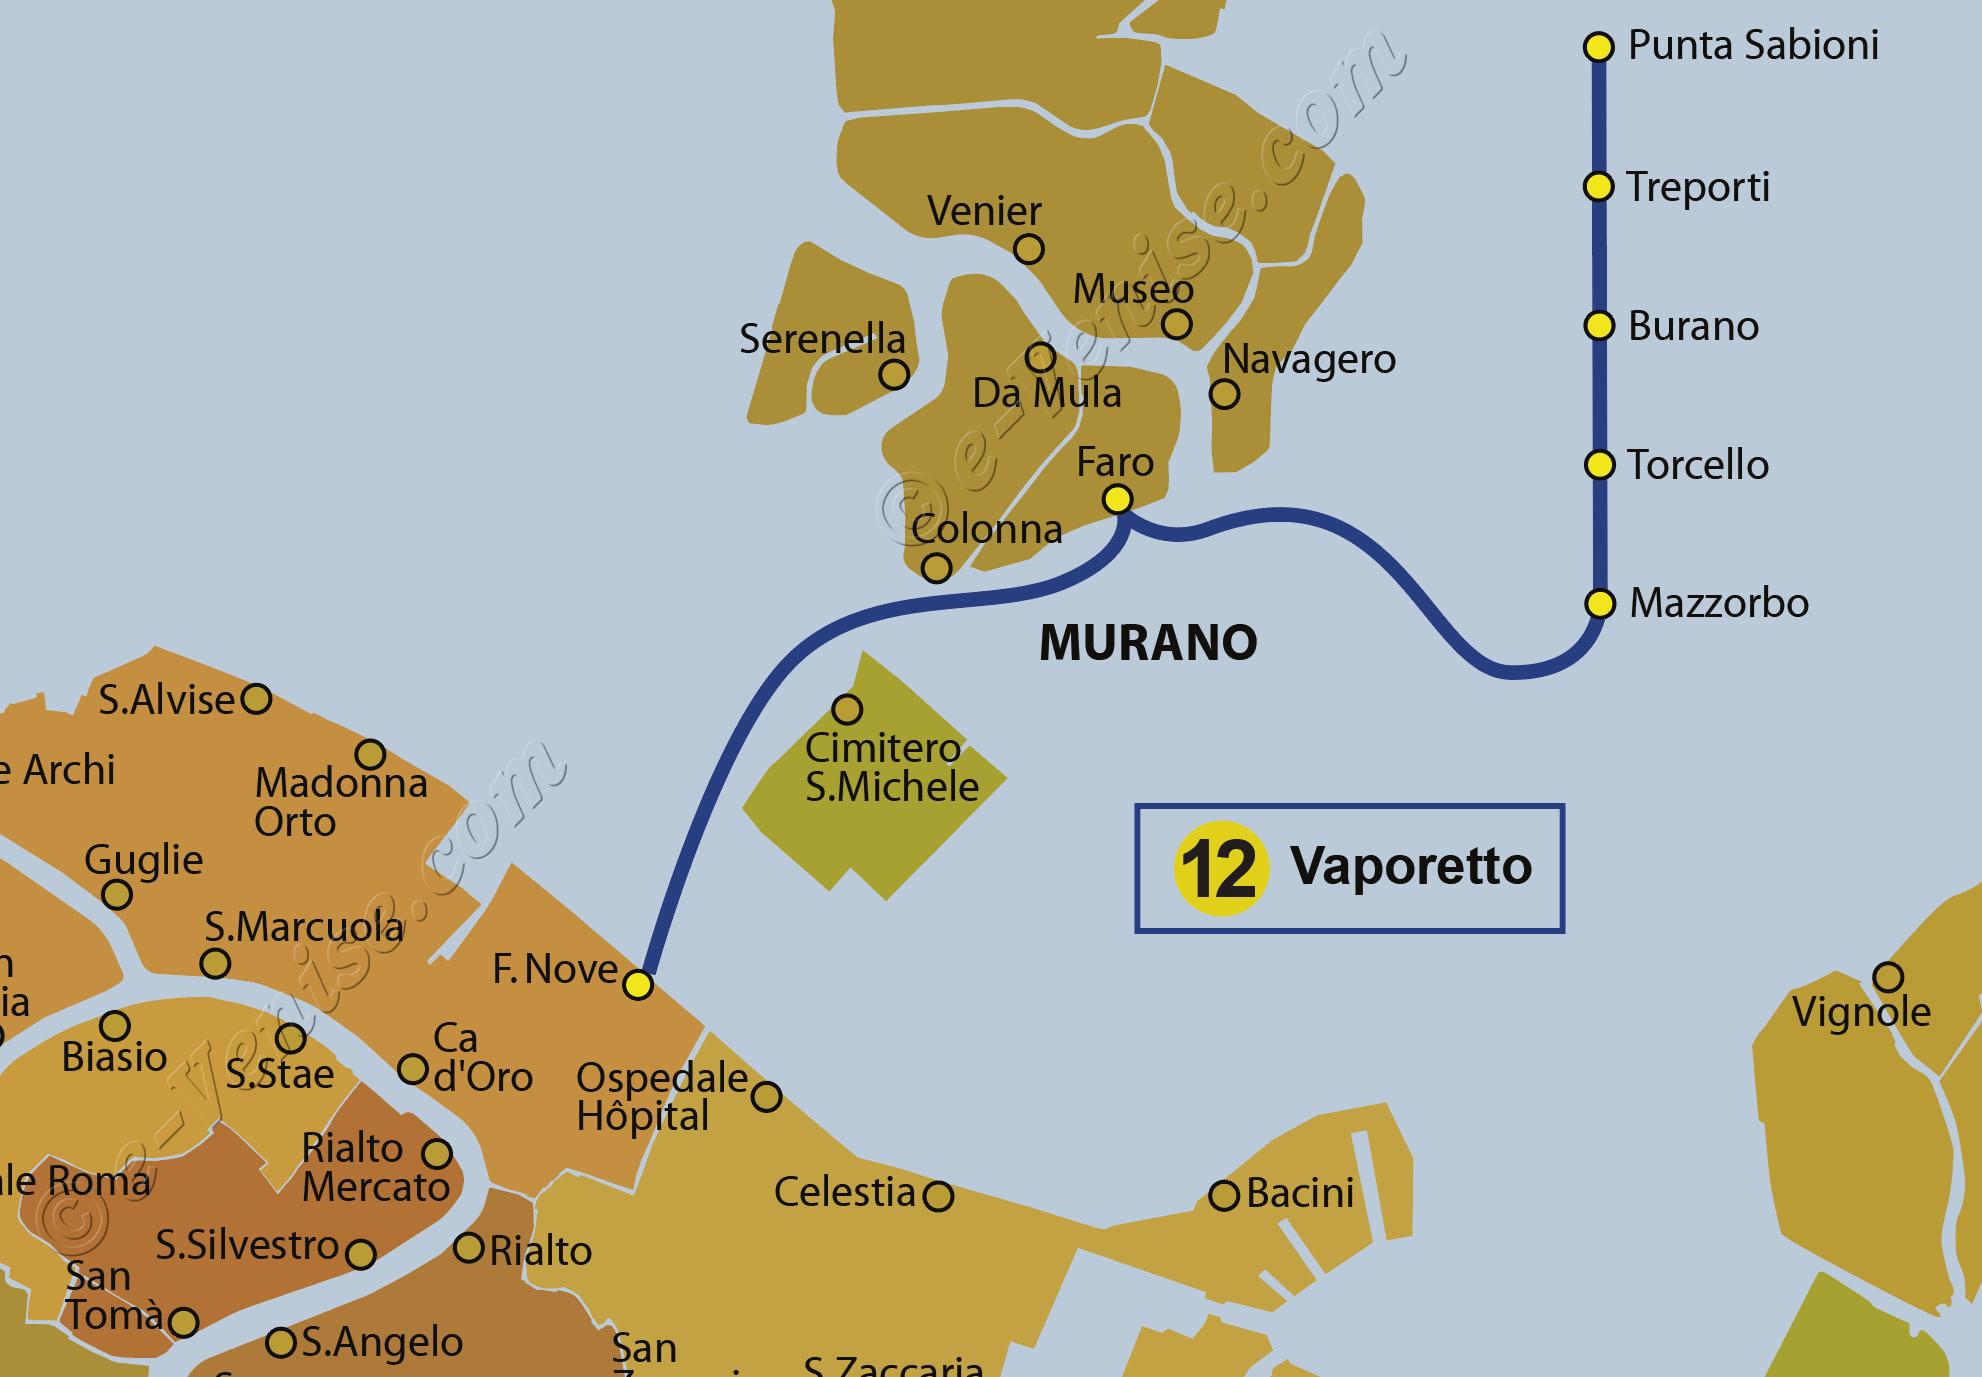 Carte Italie Burano.Venise Vaporetto Ligne 12 Transport Bateau Venise Burano Ferry